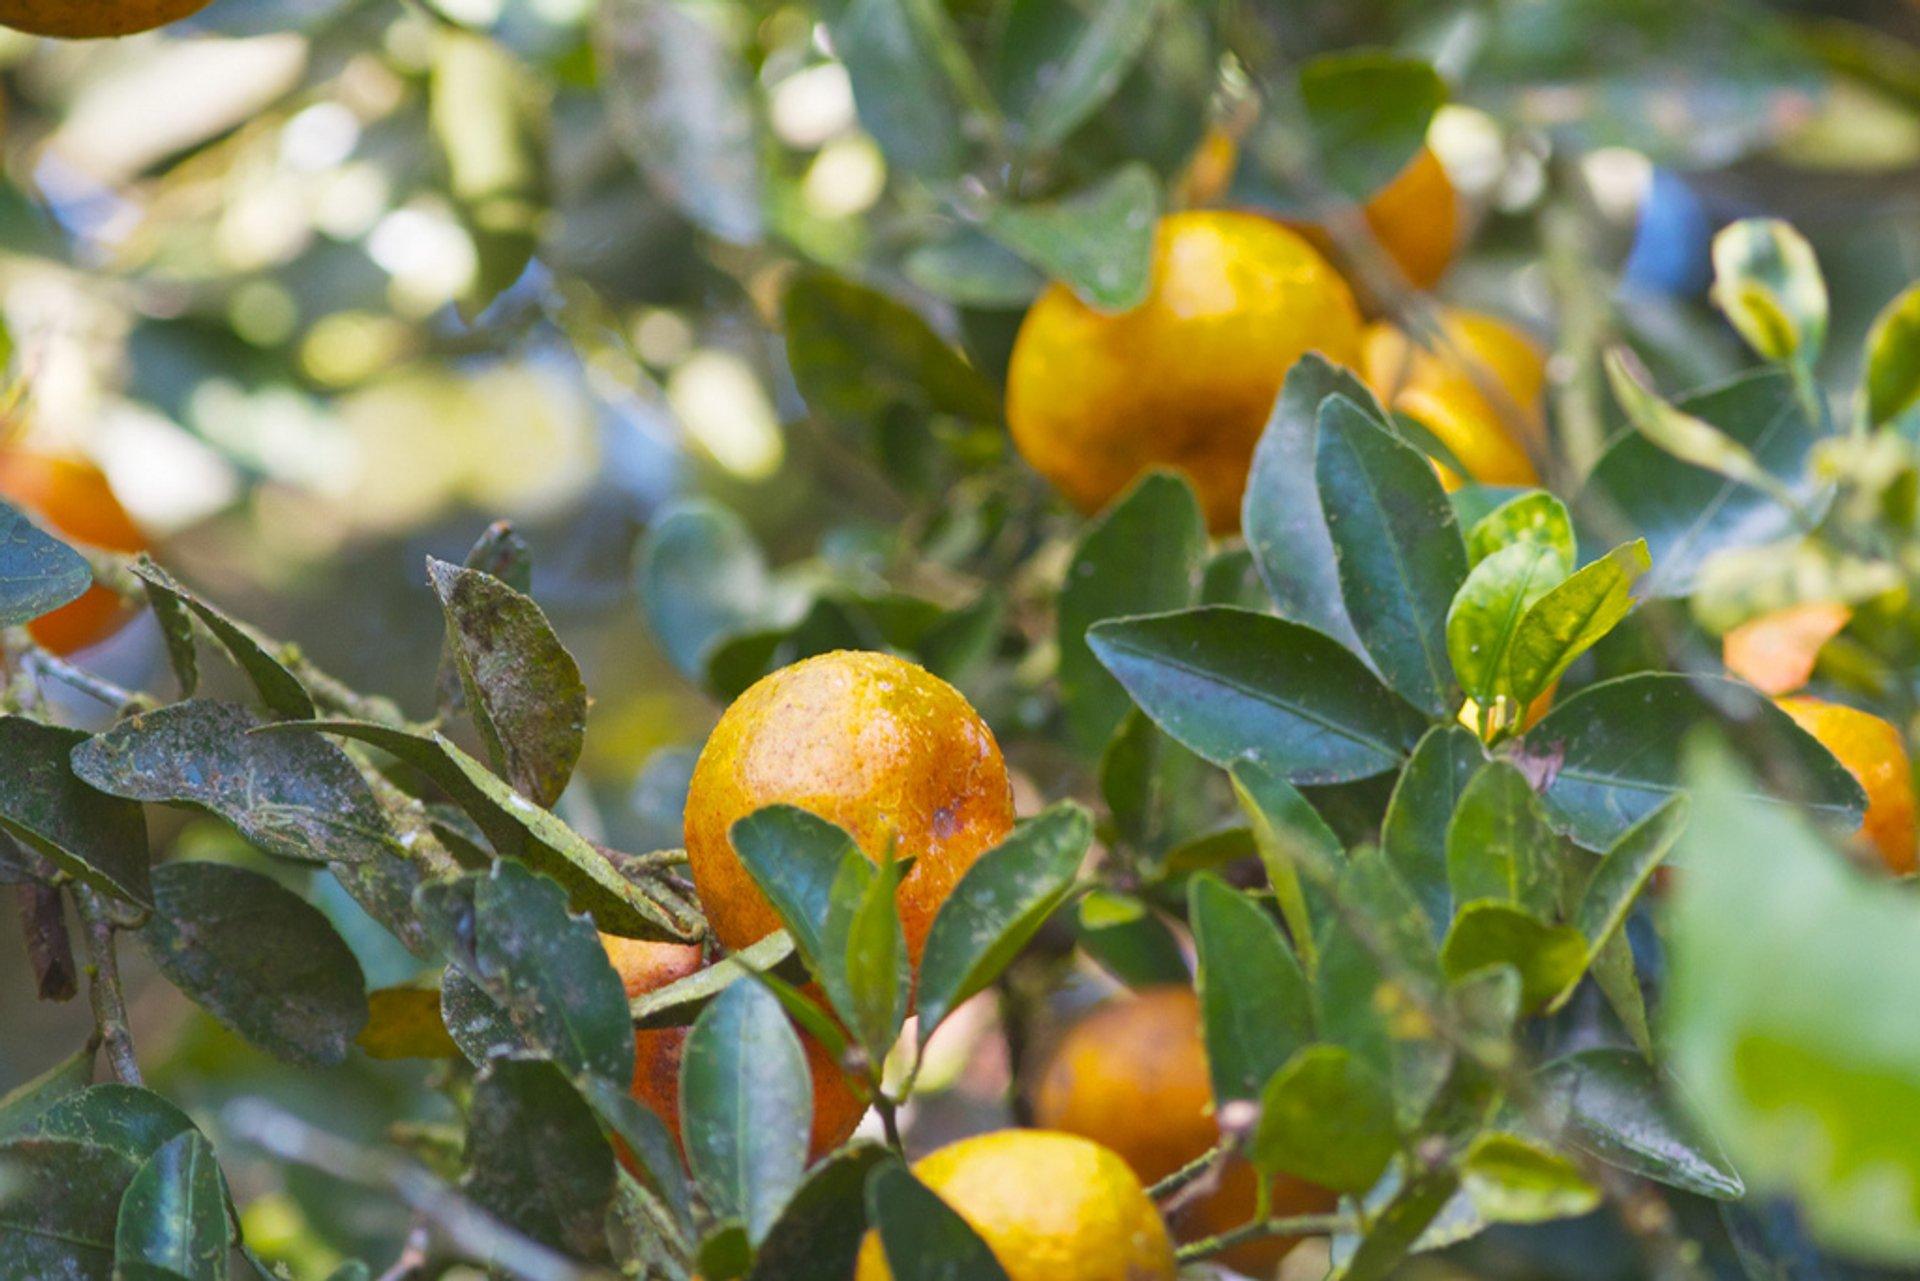 Mandarin Orange in Costa Rica 2019 - Best Time